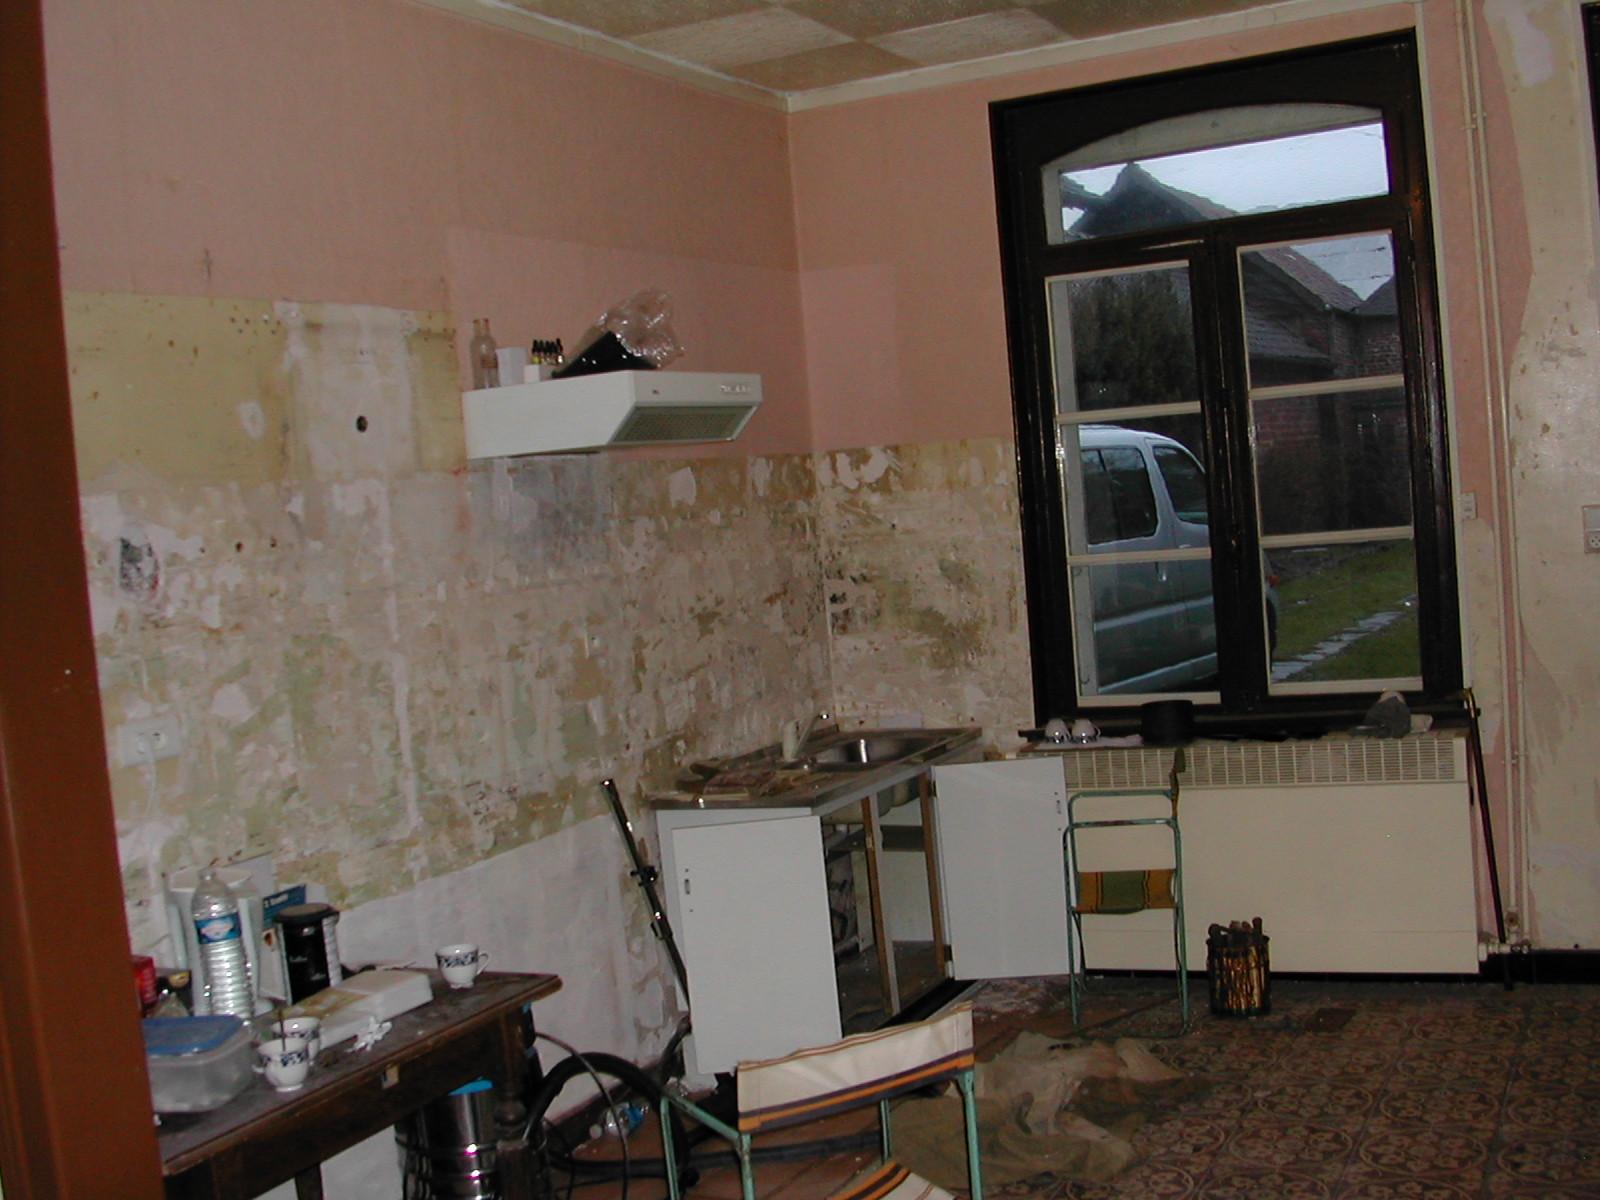 R novation d 39 une cuisine sol isolation cloisonnement for Installation electrique d une cuisine